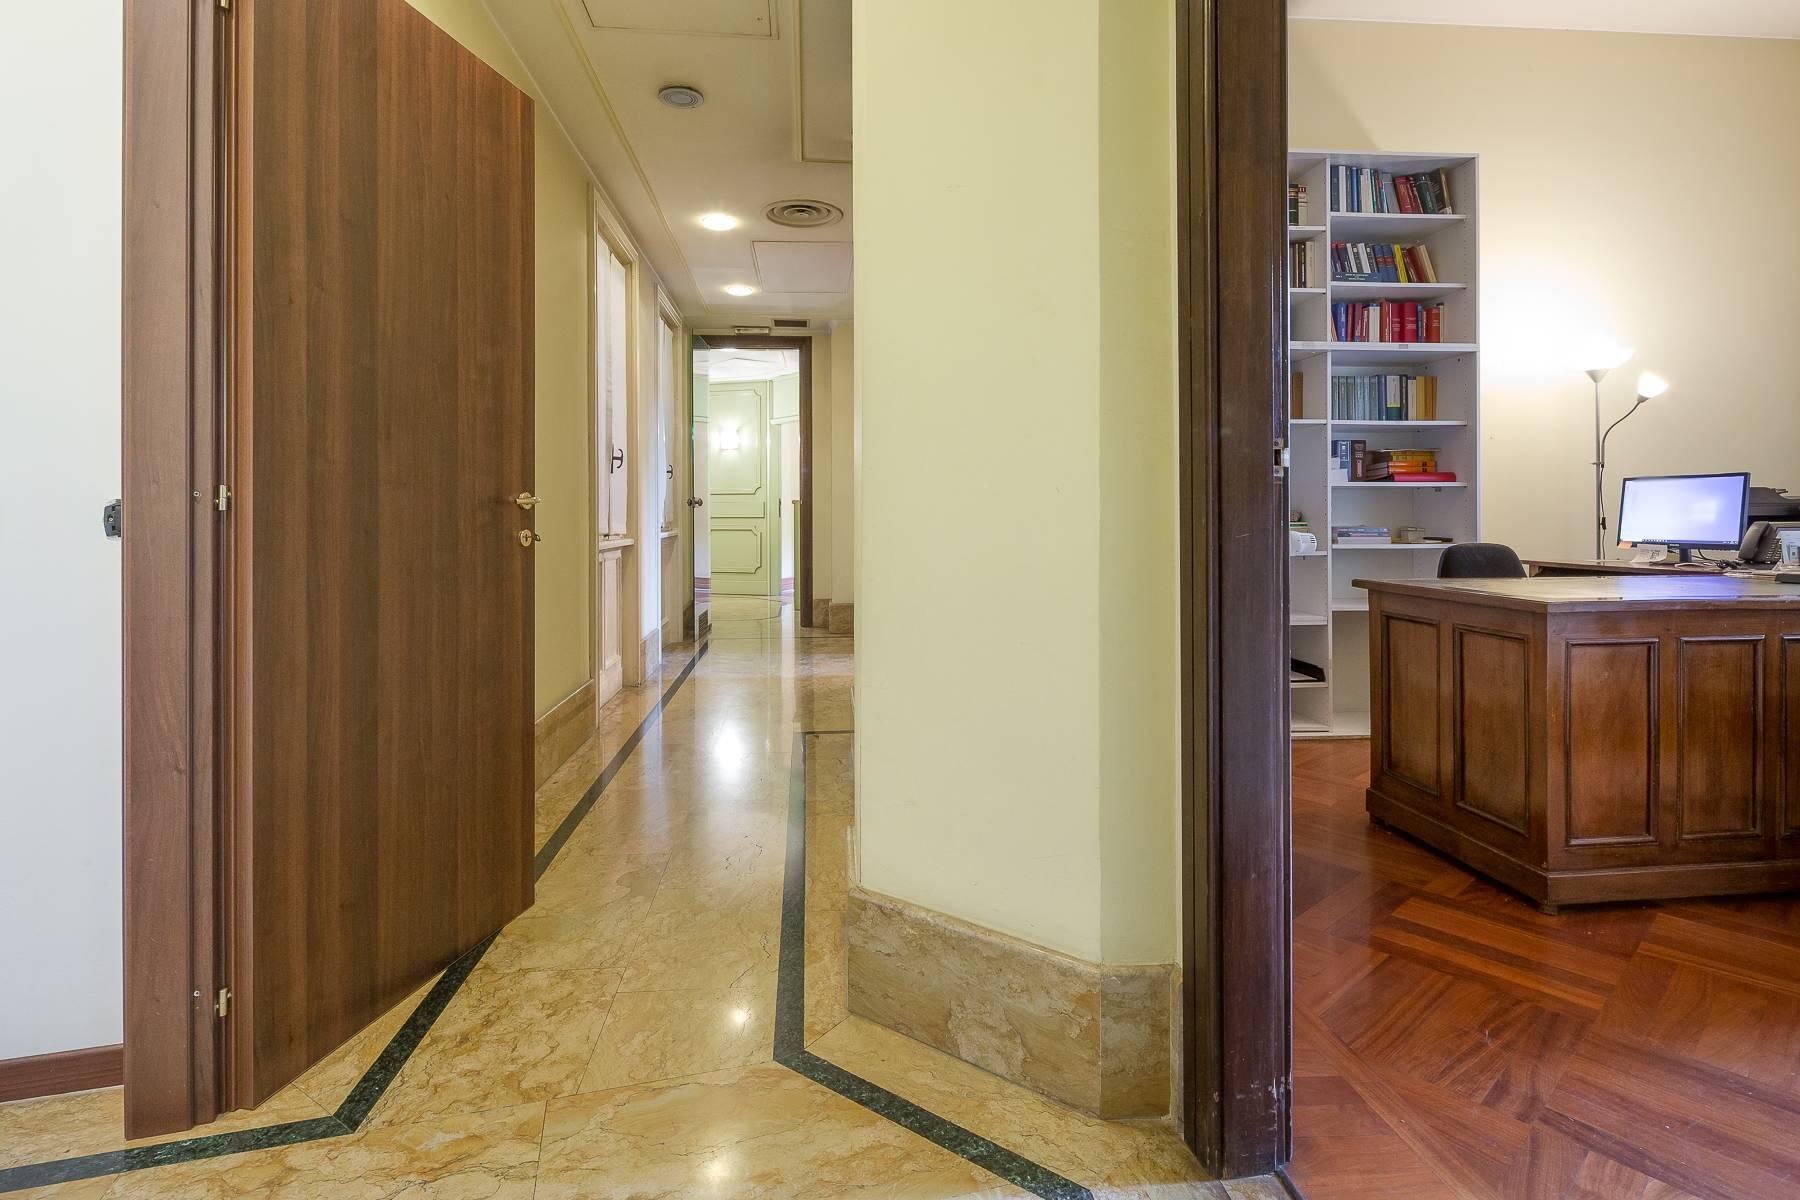 Ufficio-studio in Vendita a Milano: 5 locali, 470 mq - Foto 19